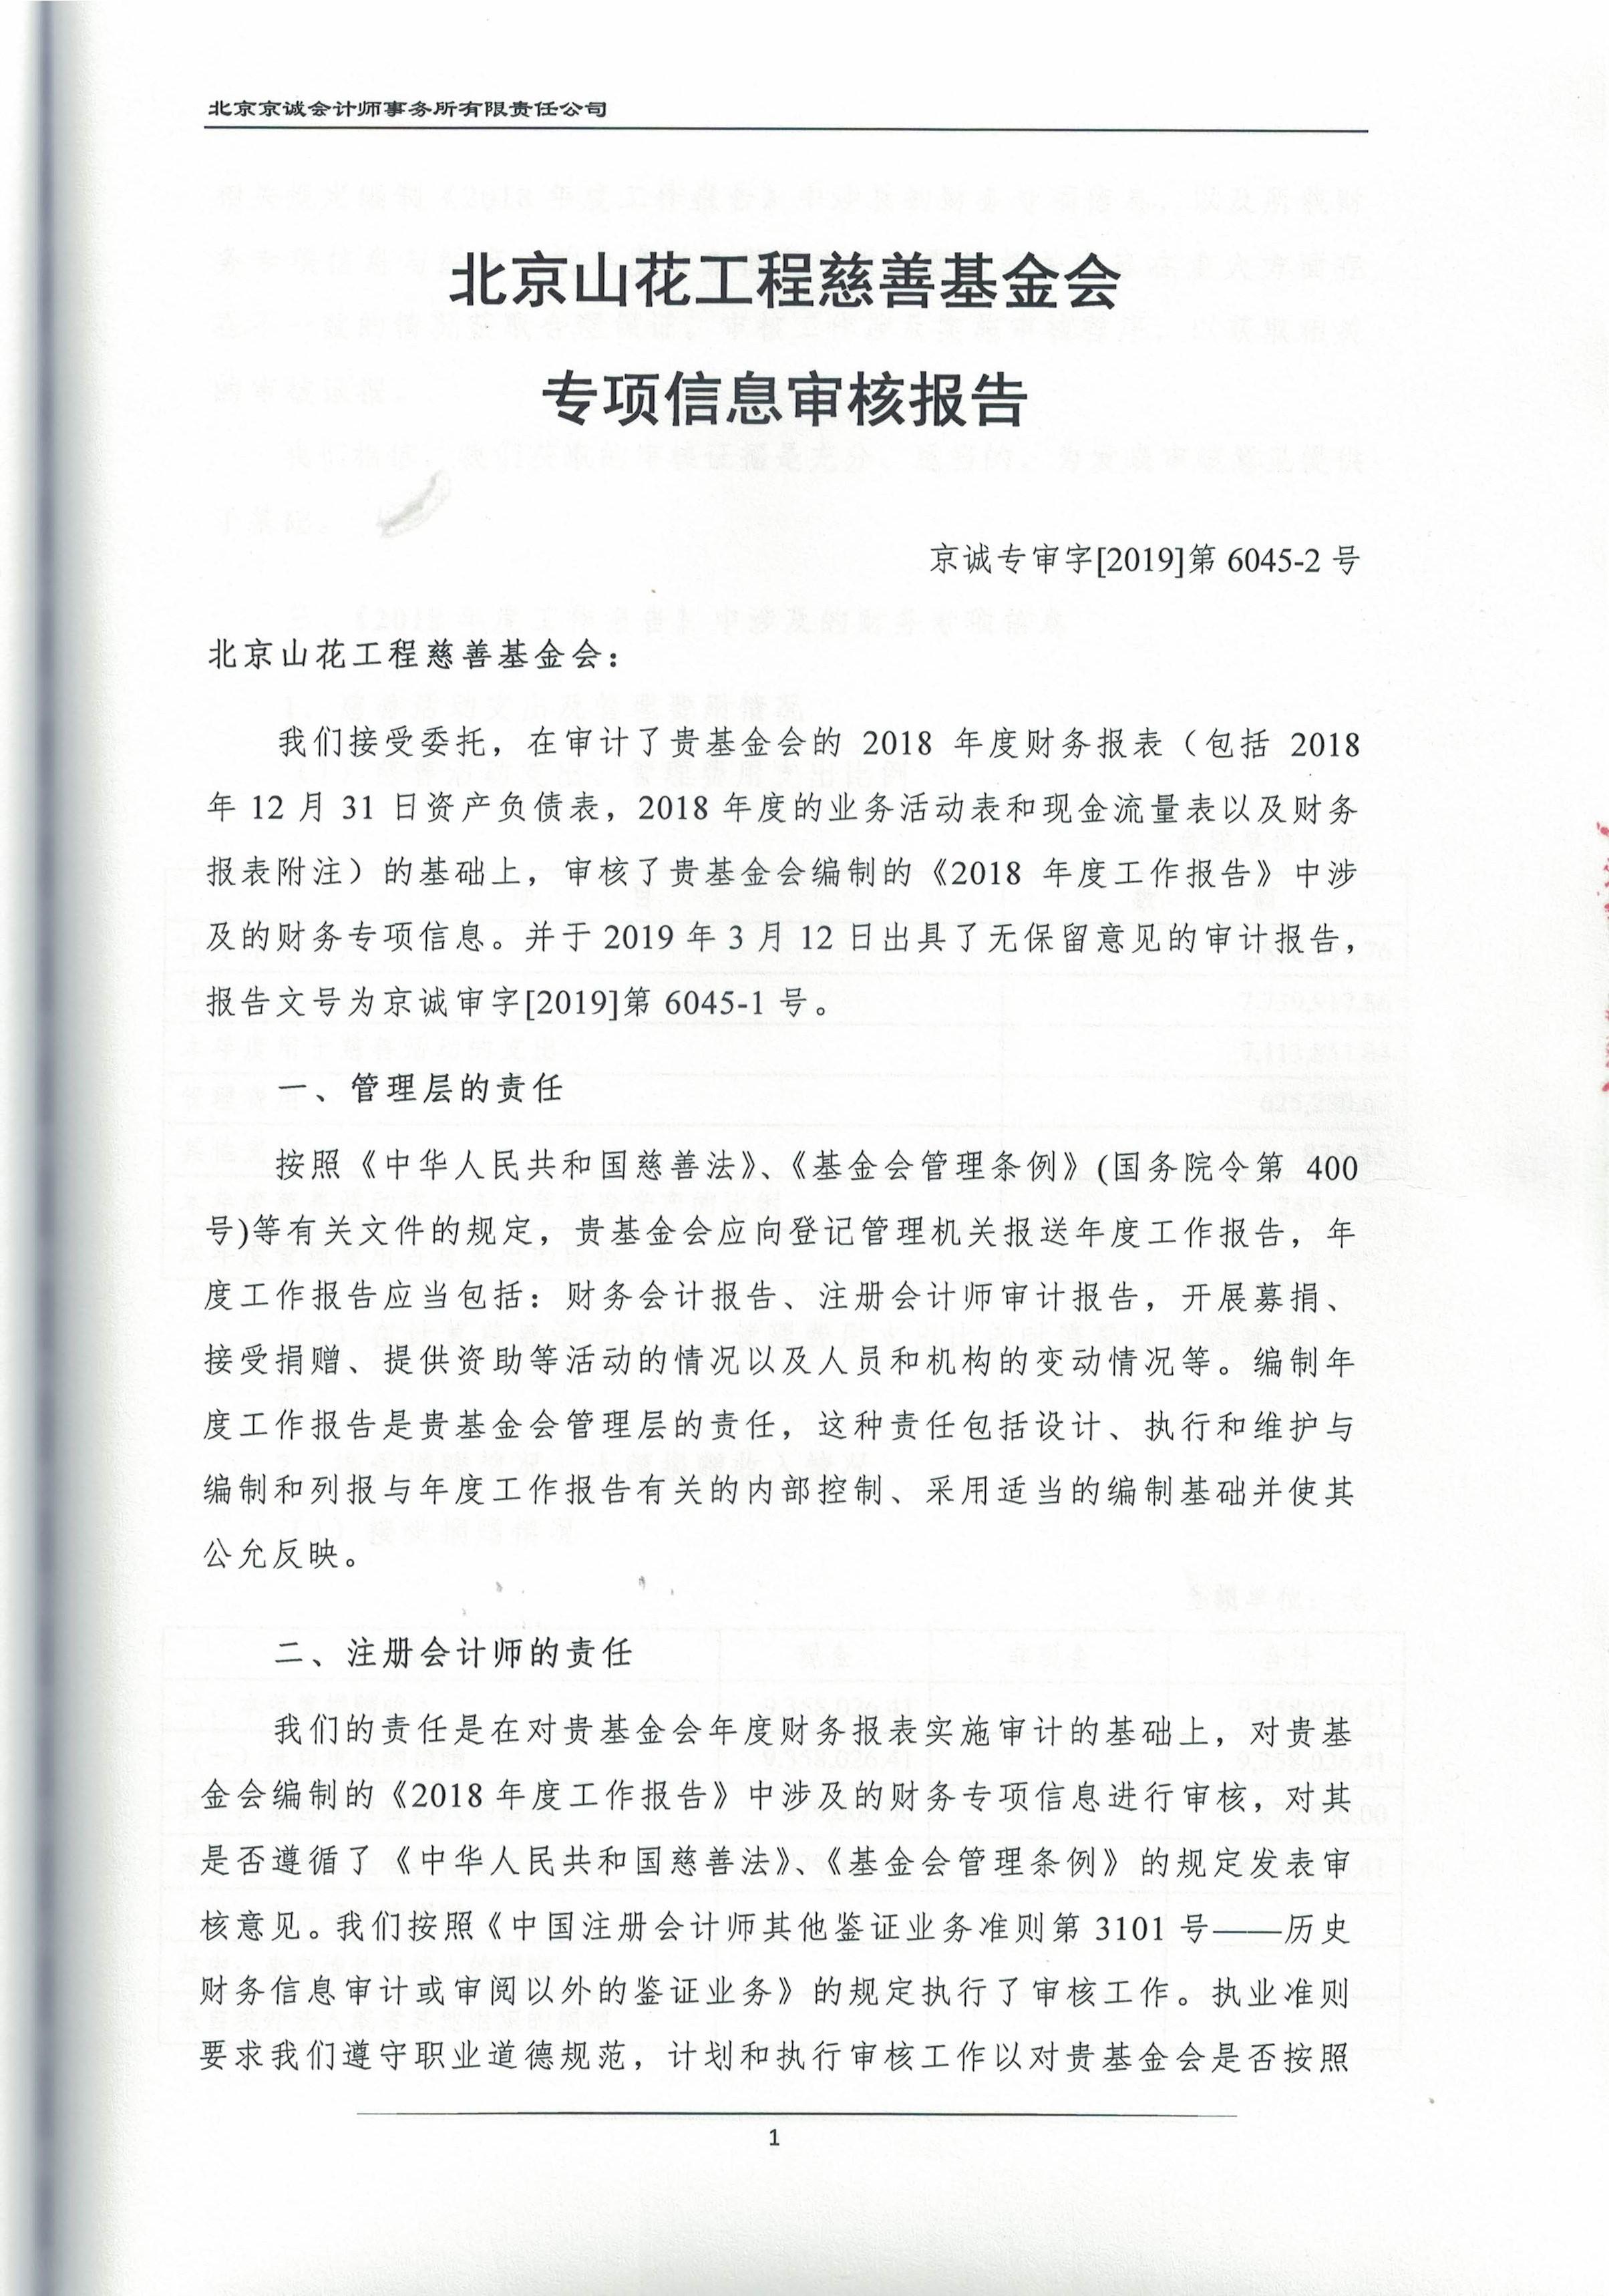 2018审计报告_页面_21